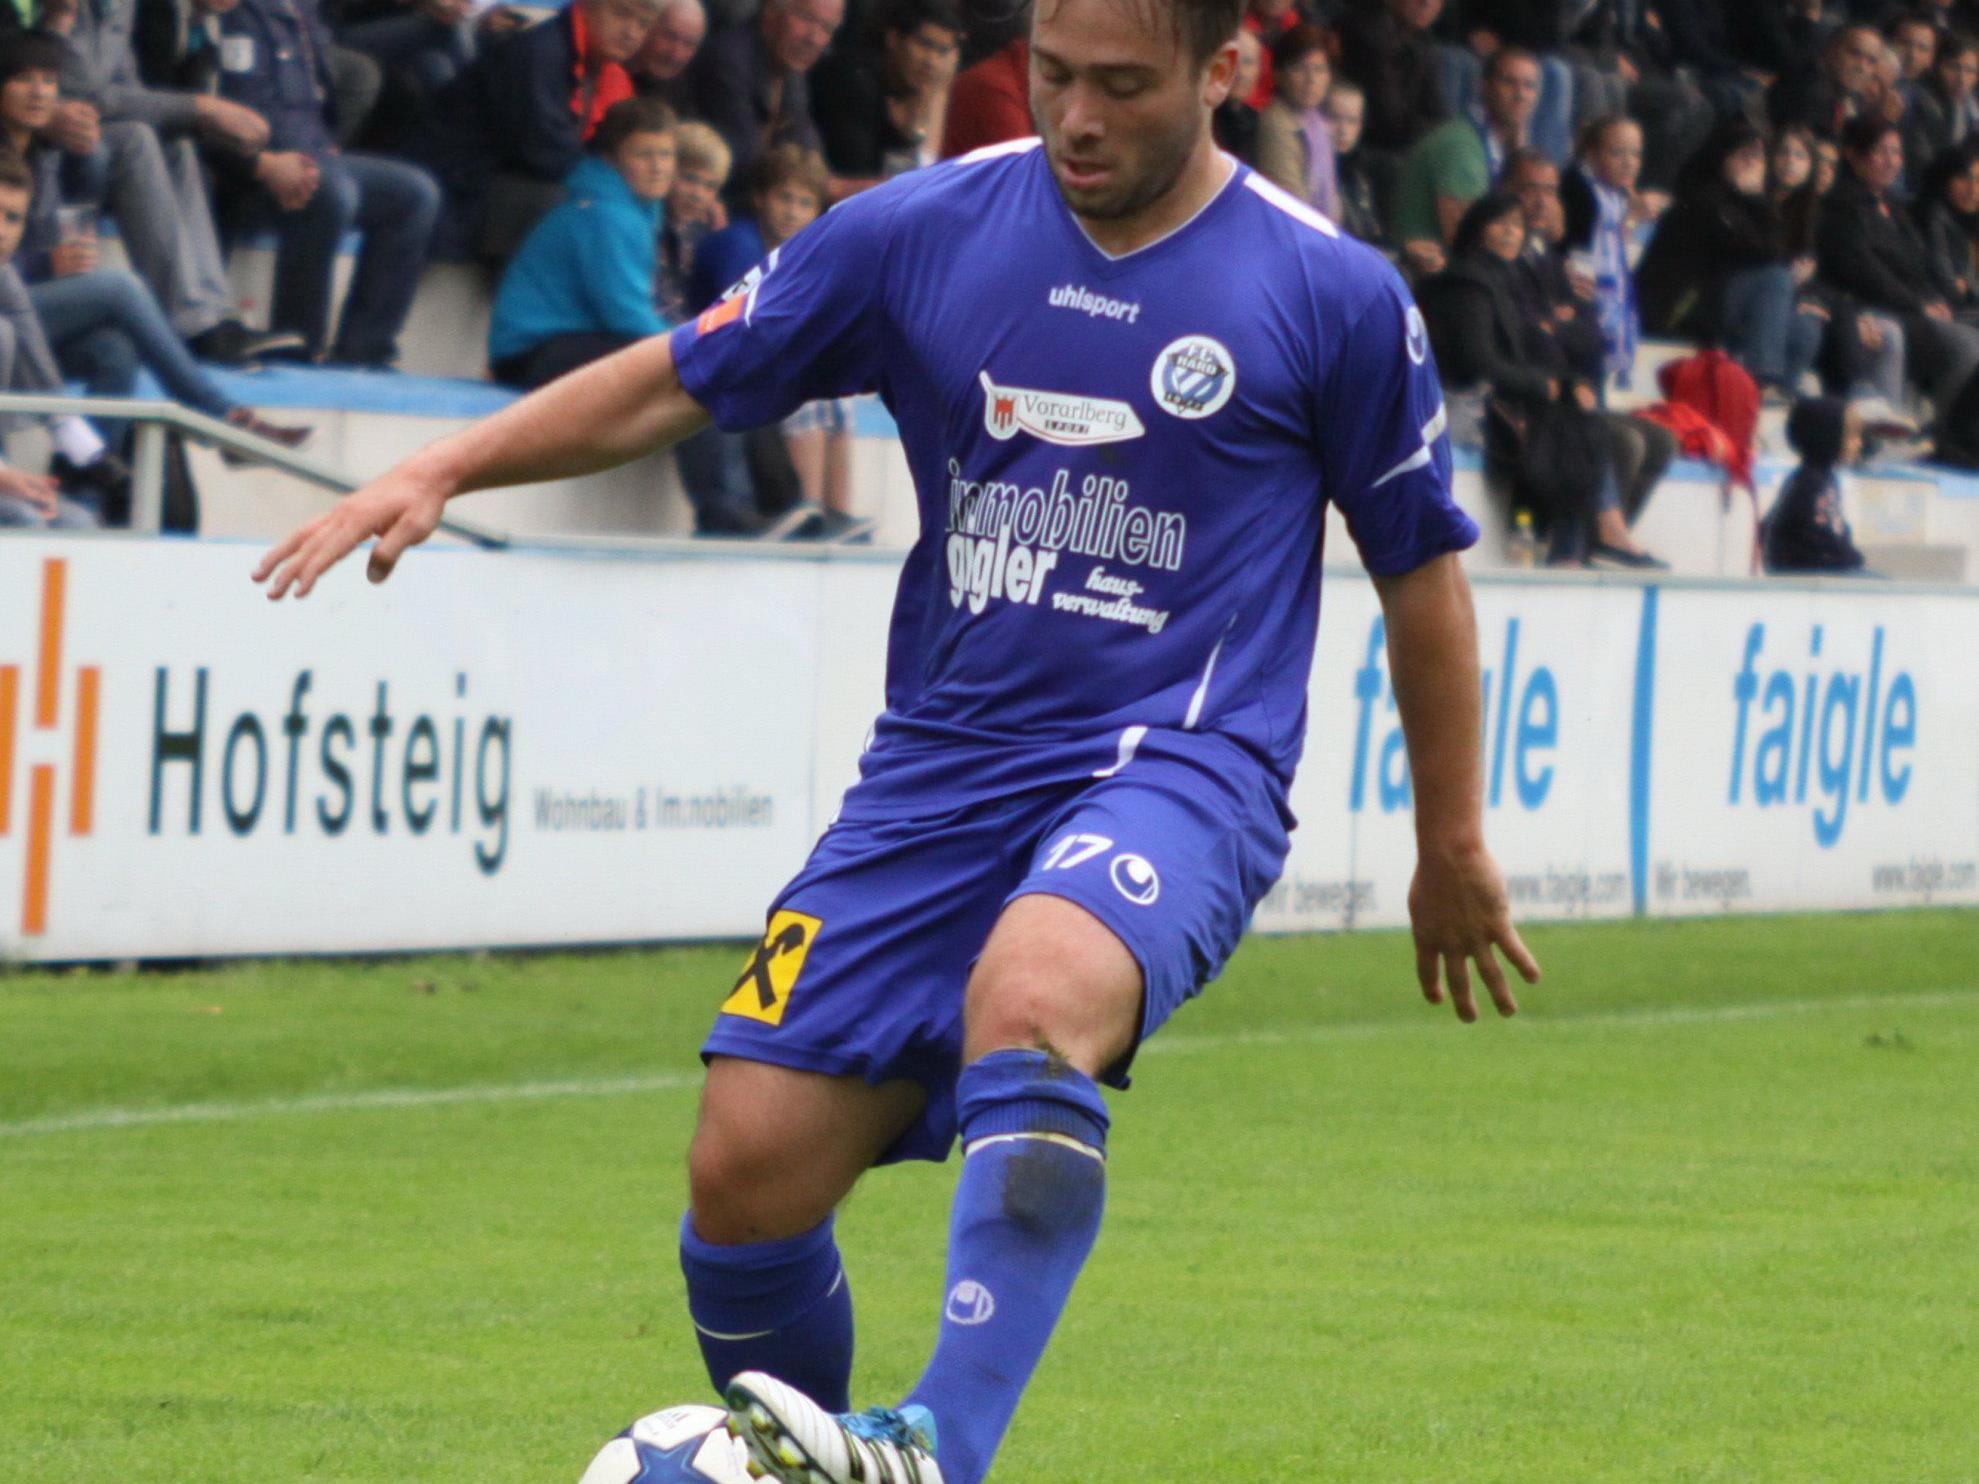 Hard verlor in Salzburg mit 0:1 und steckt in Abstiegssorgen.